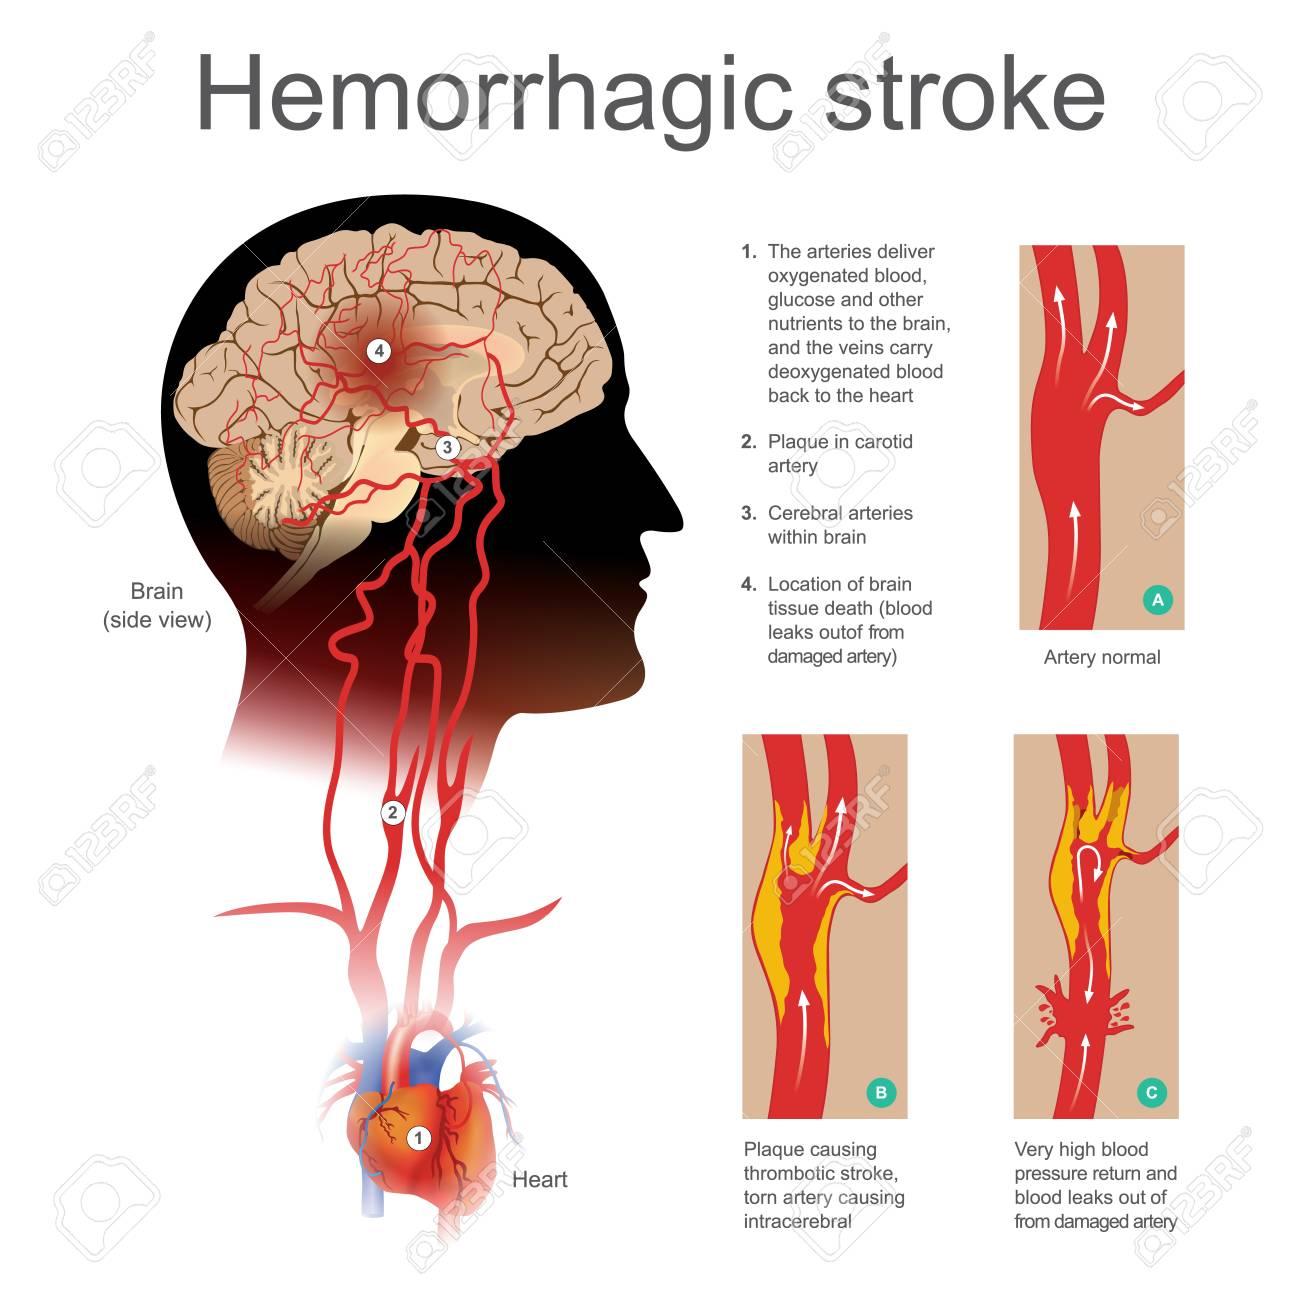 Ilustración Accidente Cerebrovascular Hemorrágico Ilustraciones ...